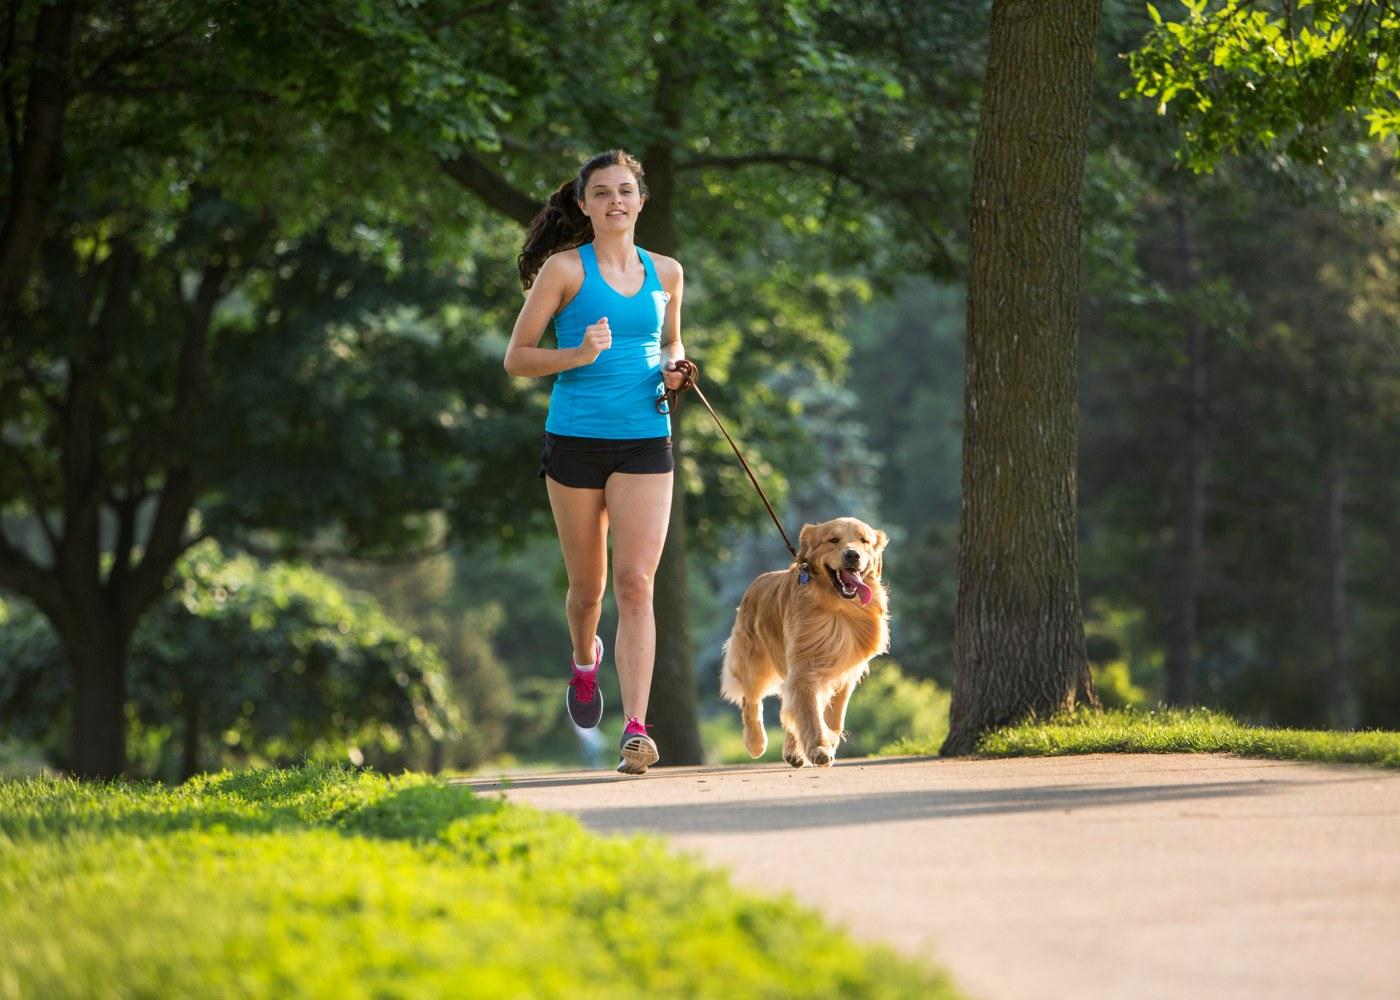 Mulher a correr com cão pela trela